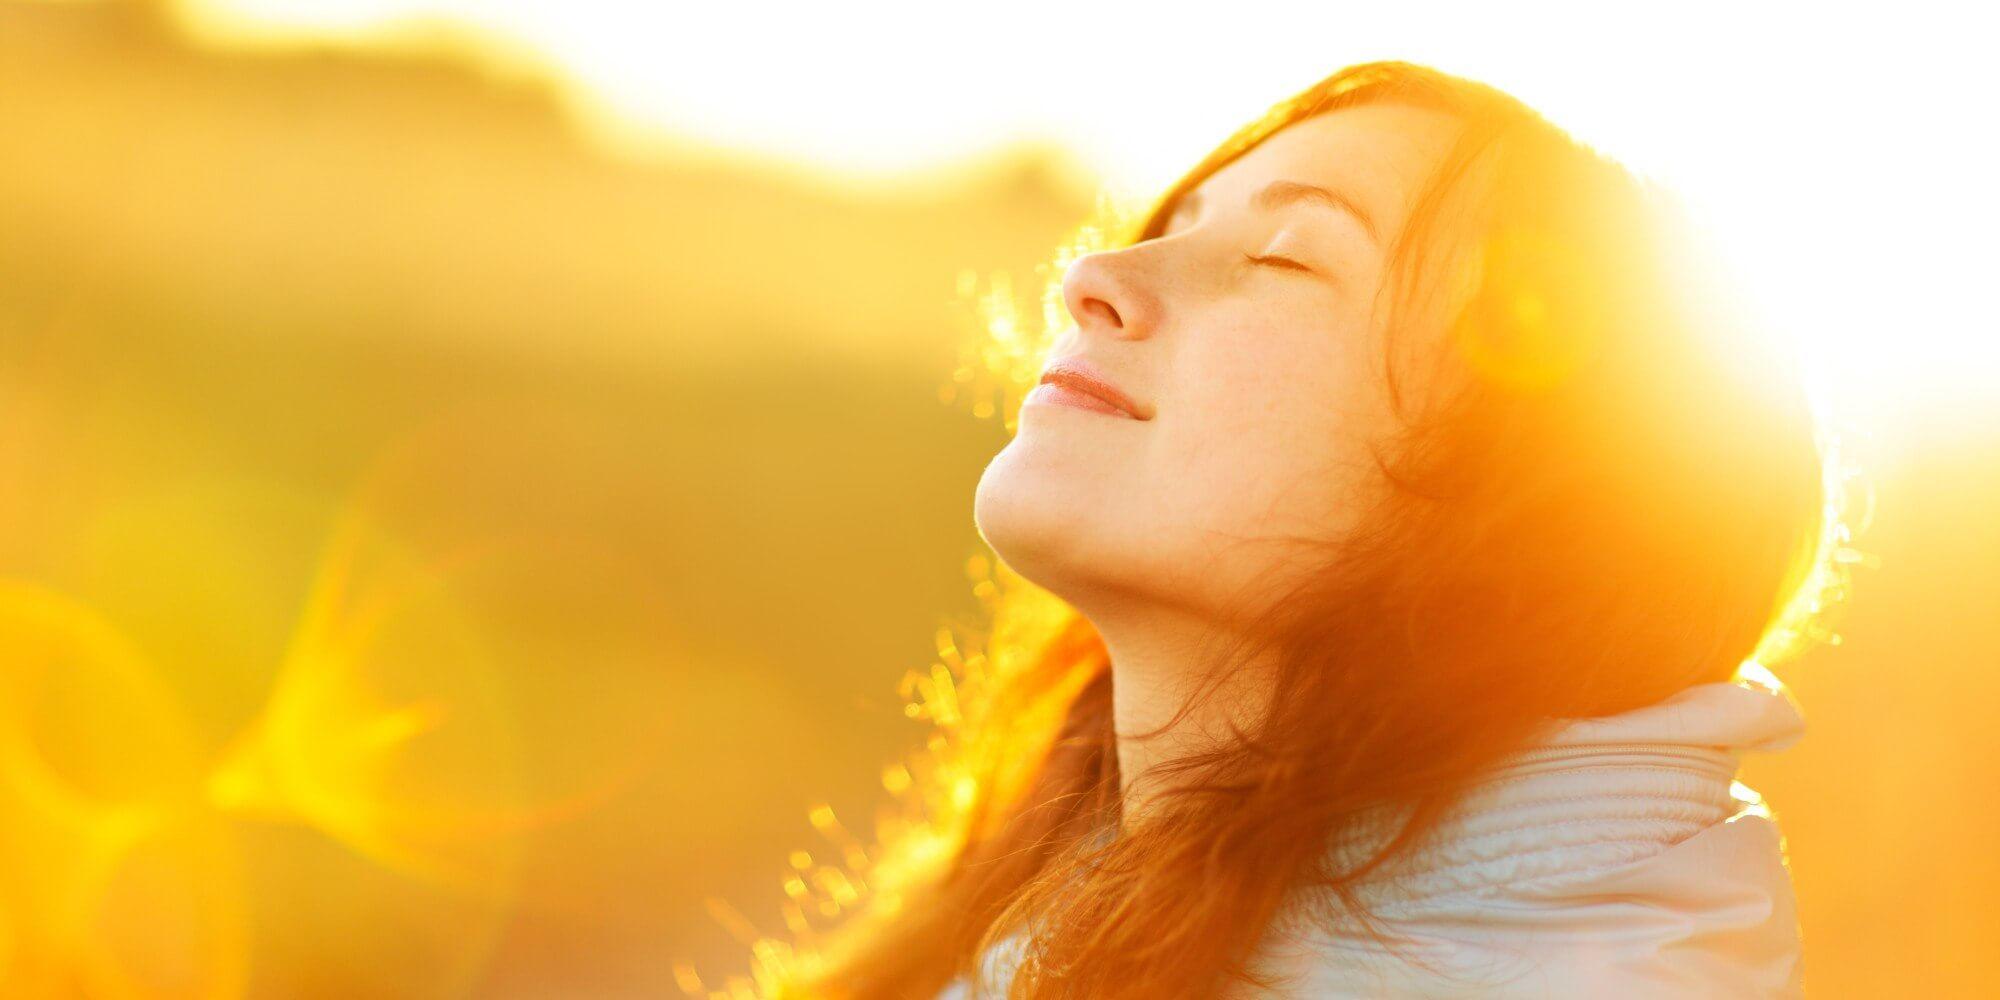 The autumn flower of sun flare. autênticas - pessoas aut  nticas - 7 qualidades que pessoas autênticas têm em comum